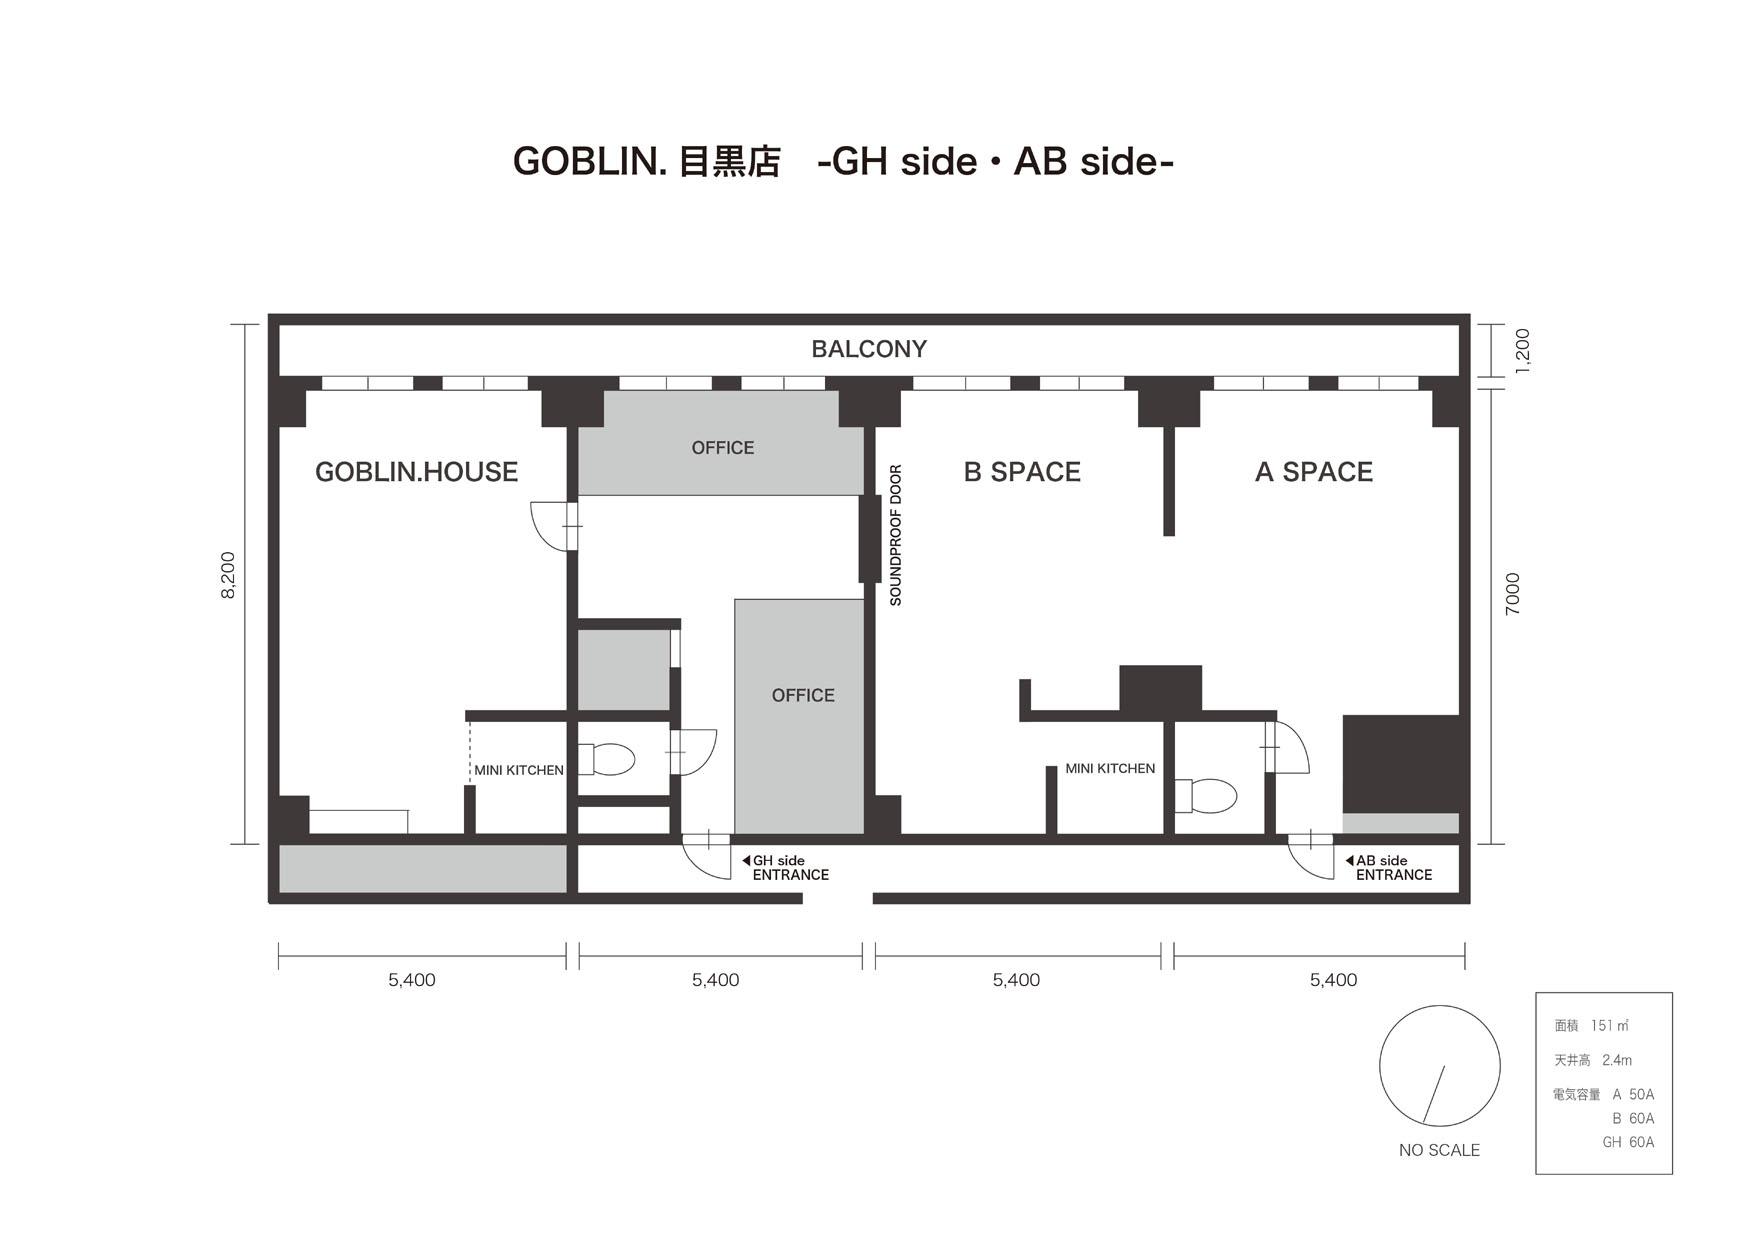 GOBLIN.目黒 (ID:10058) 図面|TIME SHARING|タイムシェアリング |スペースマネジメント|あどばる|adval